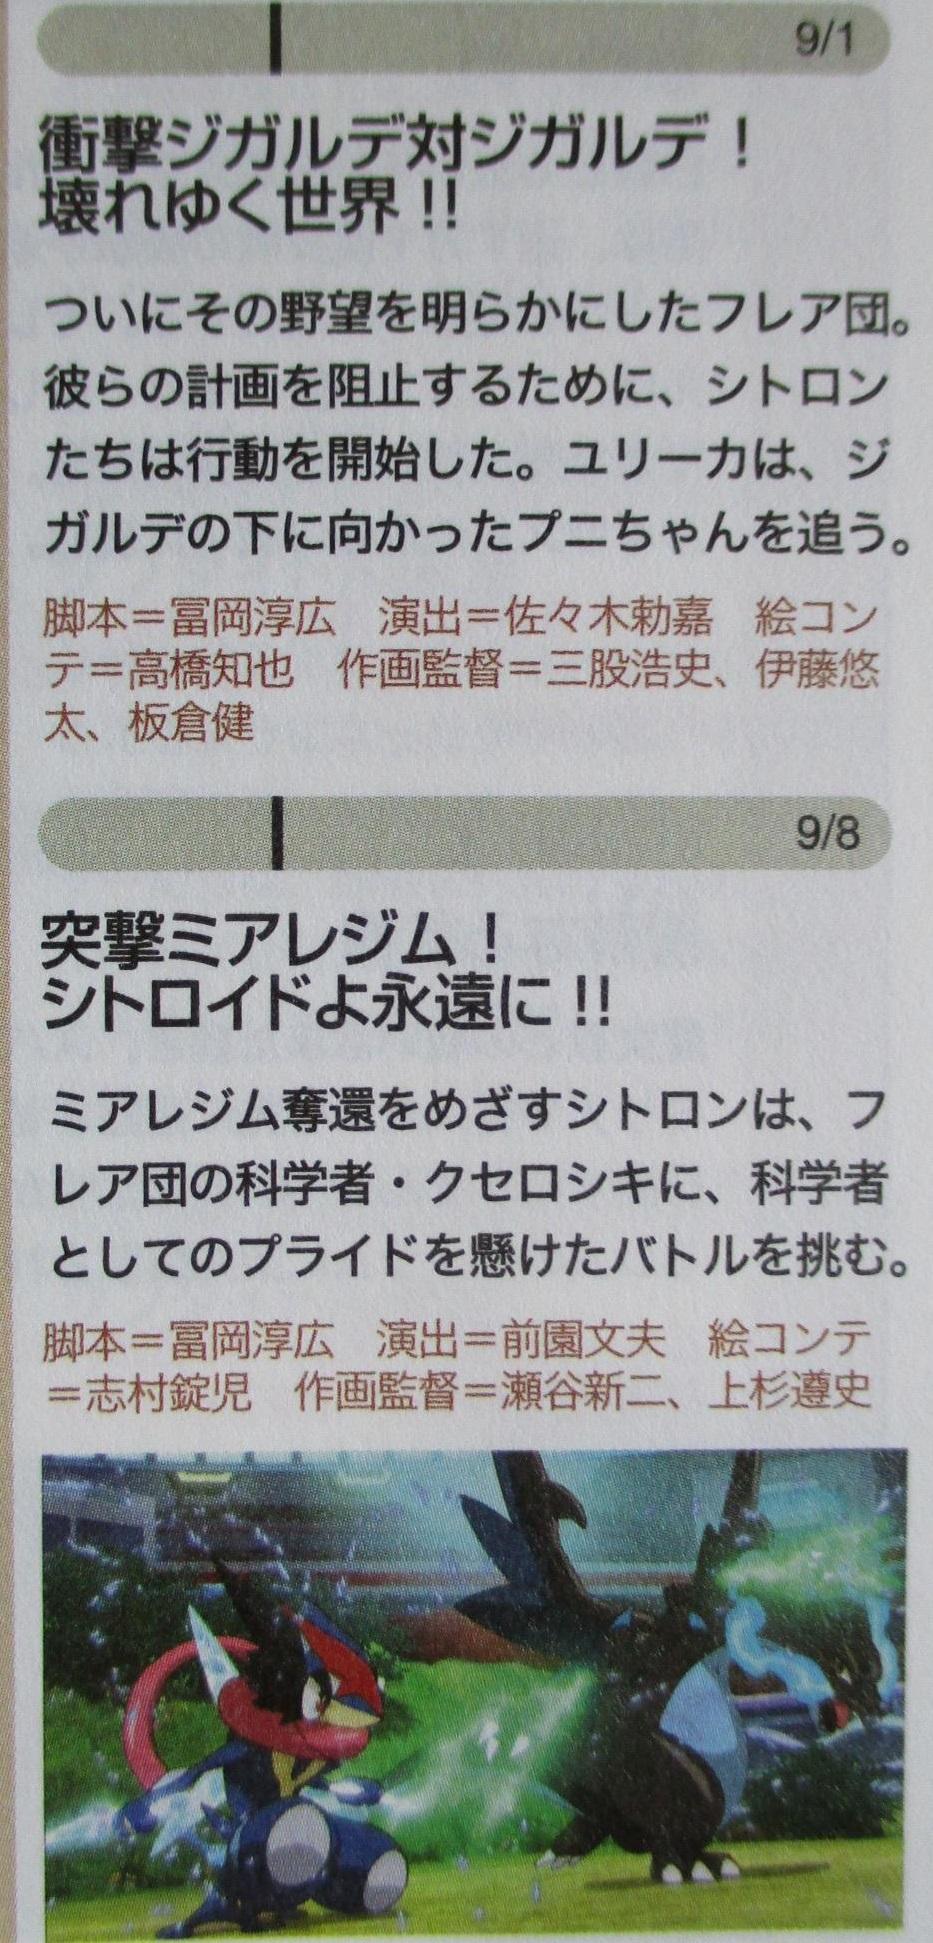 シャッキリ昇竜拳! アニメポケモンxy&z 今後の展開7